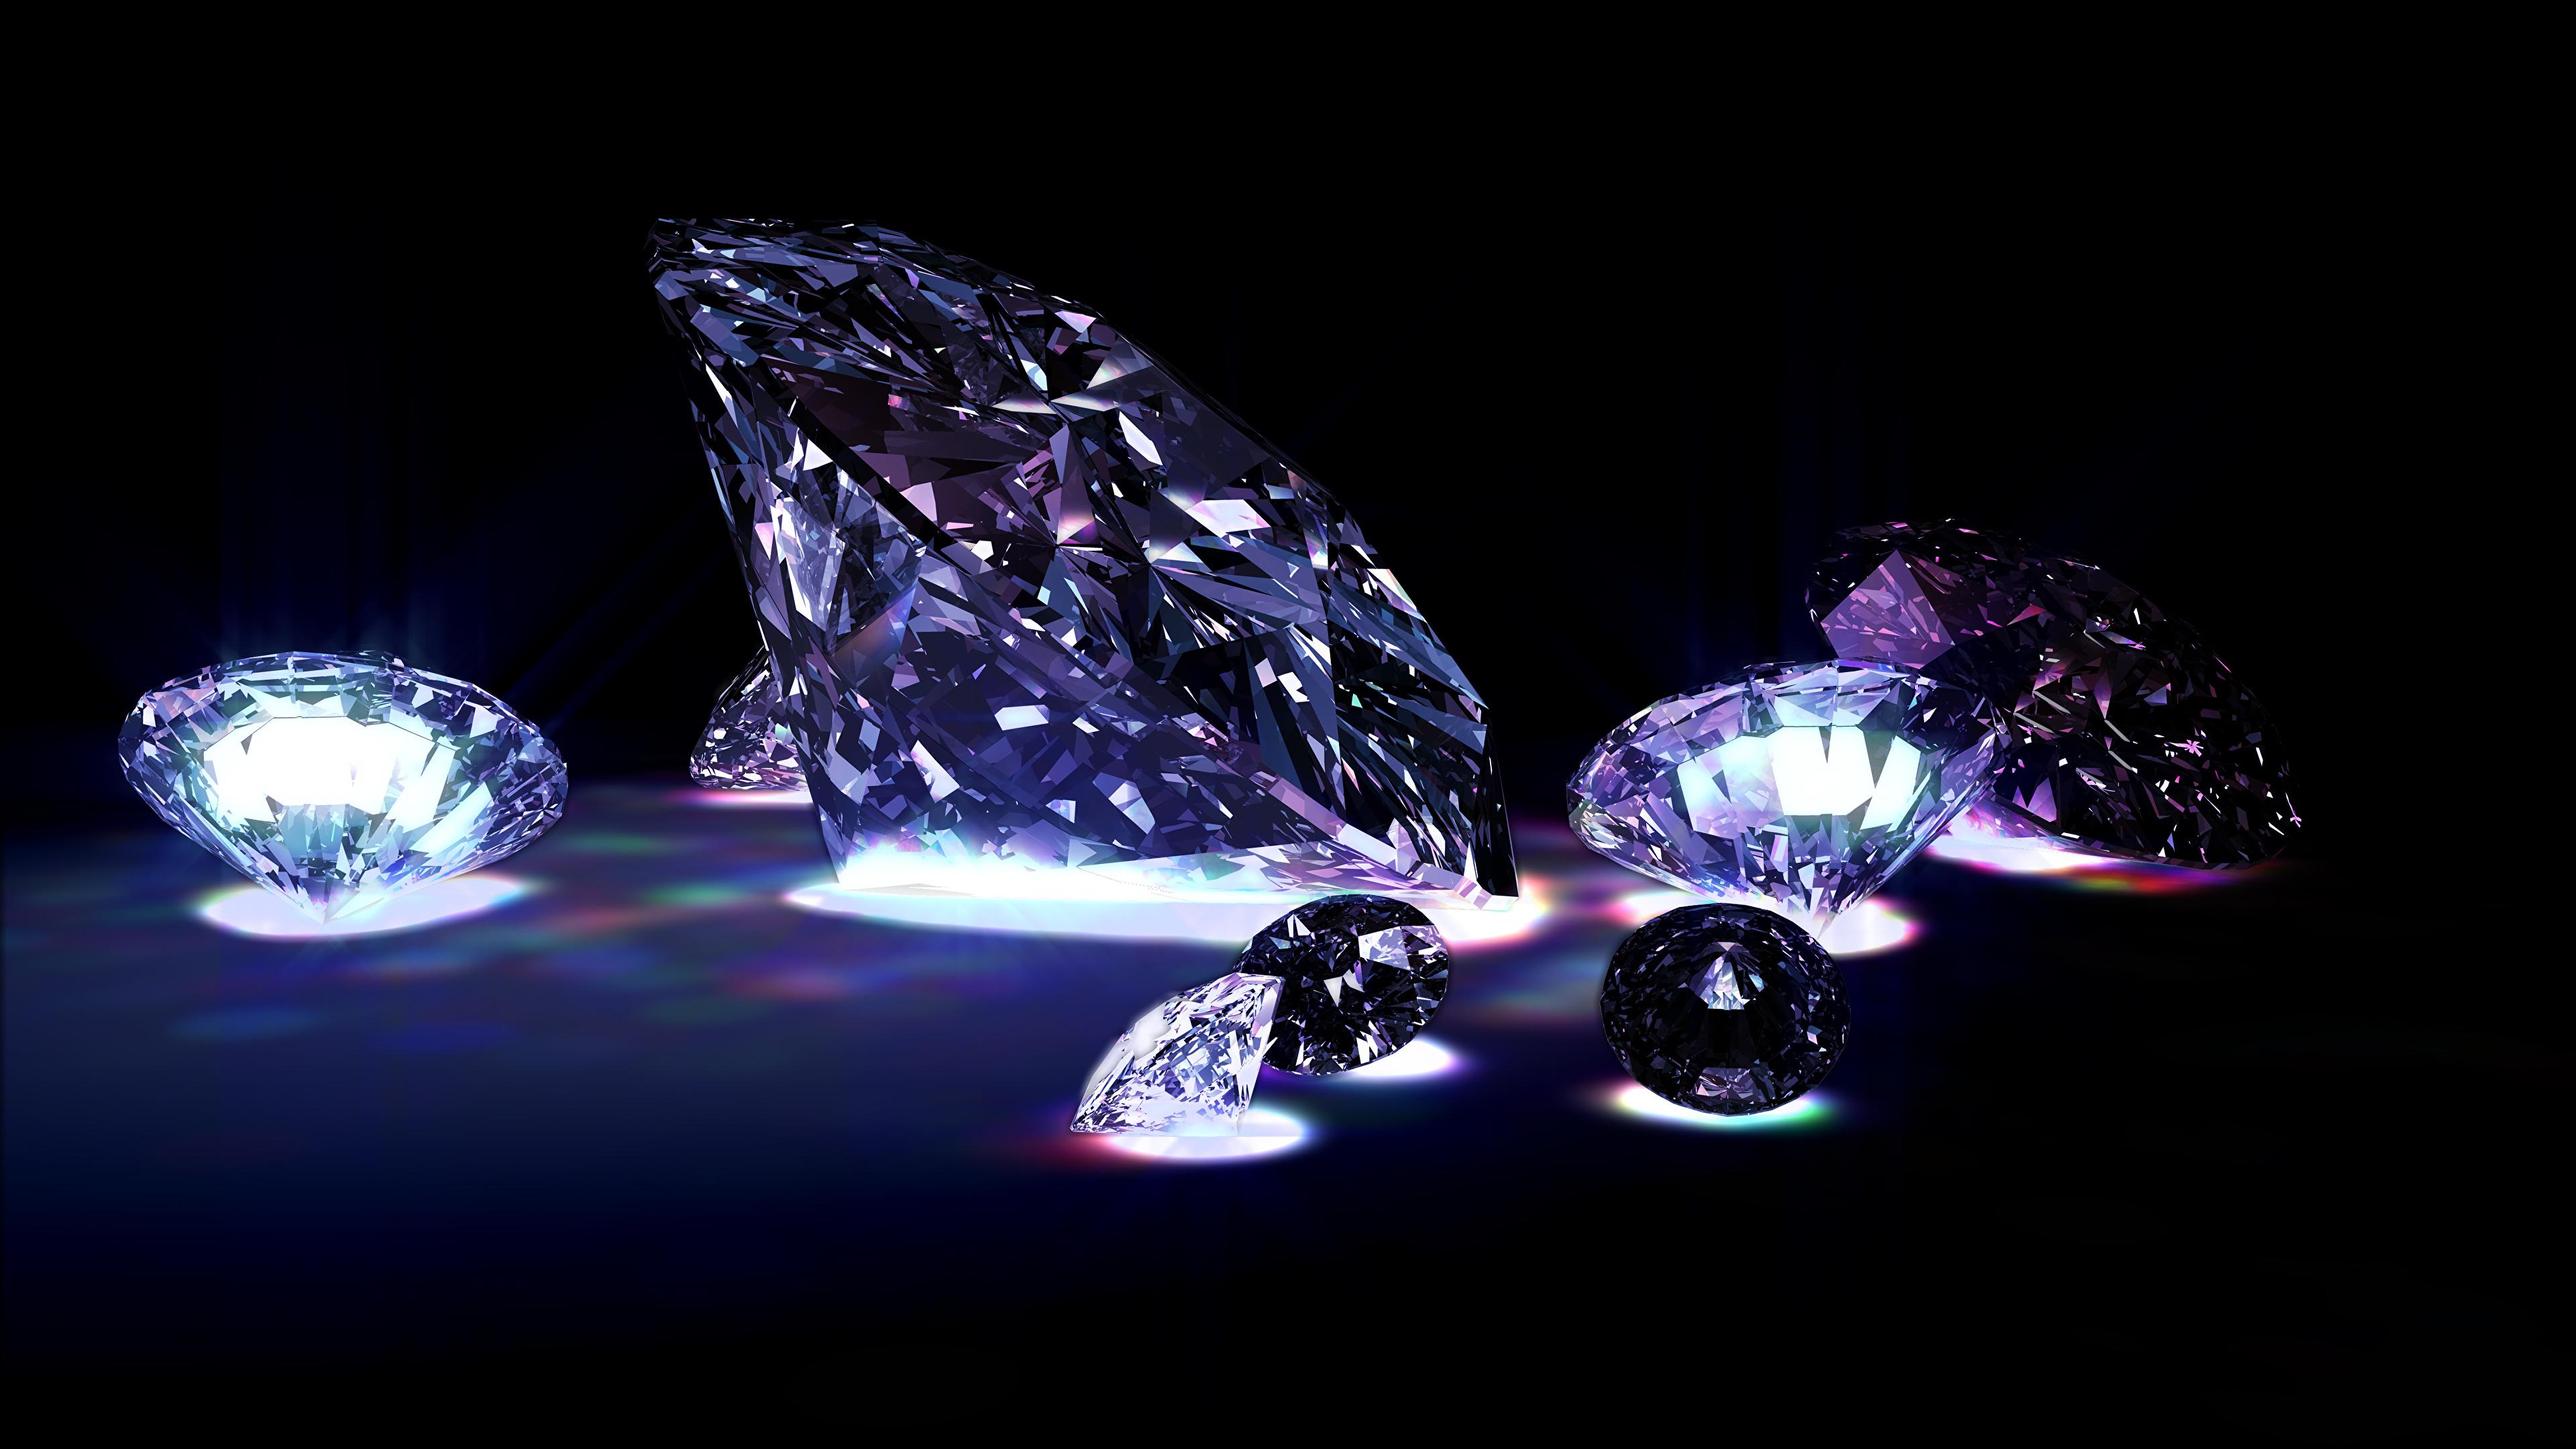 Фотографии Бриллиант на черном фоне 3840x2160 алмаз обработанный Черный фон